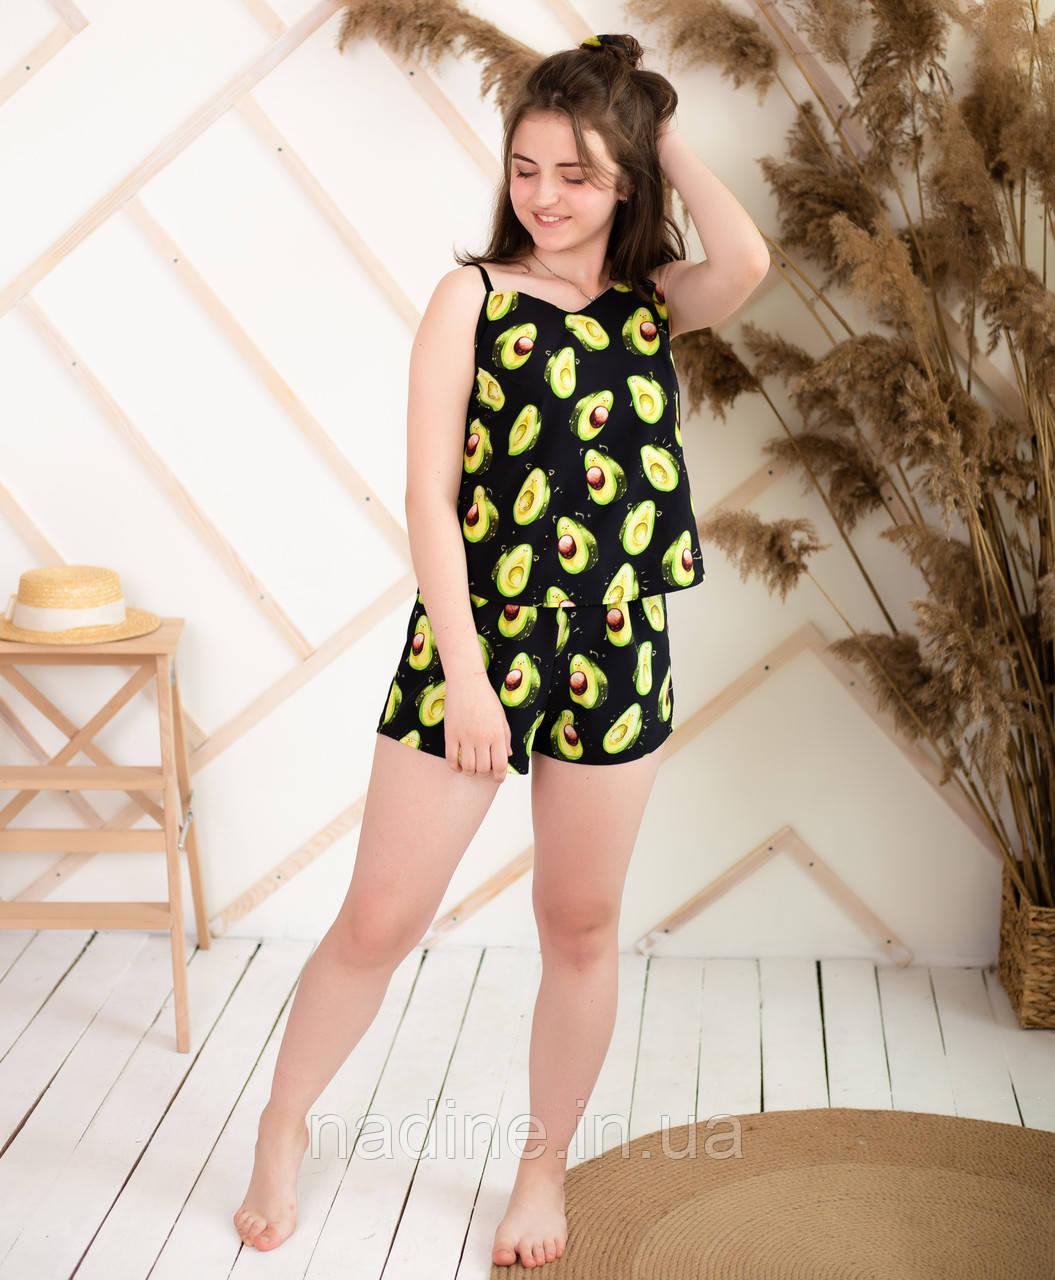 Пижама подростковая авокадо  Eirena Nadine (731-64) пижама 170/44